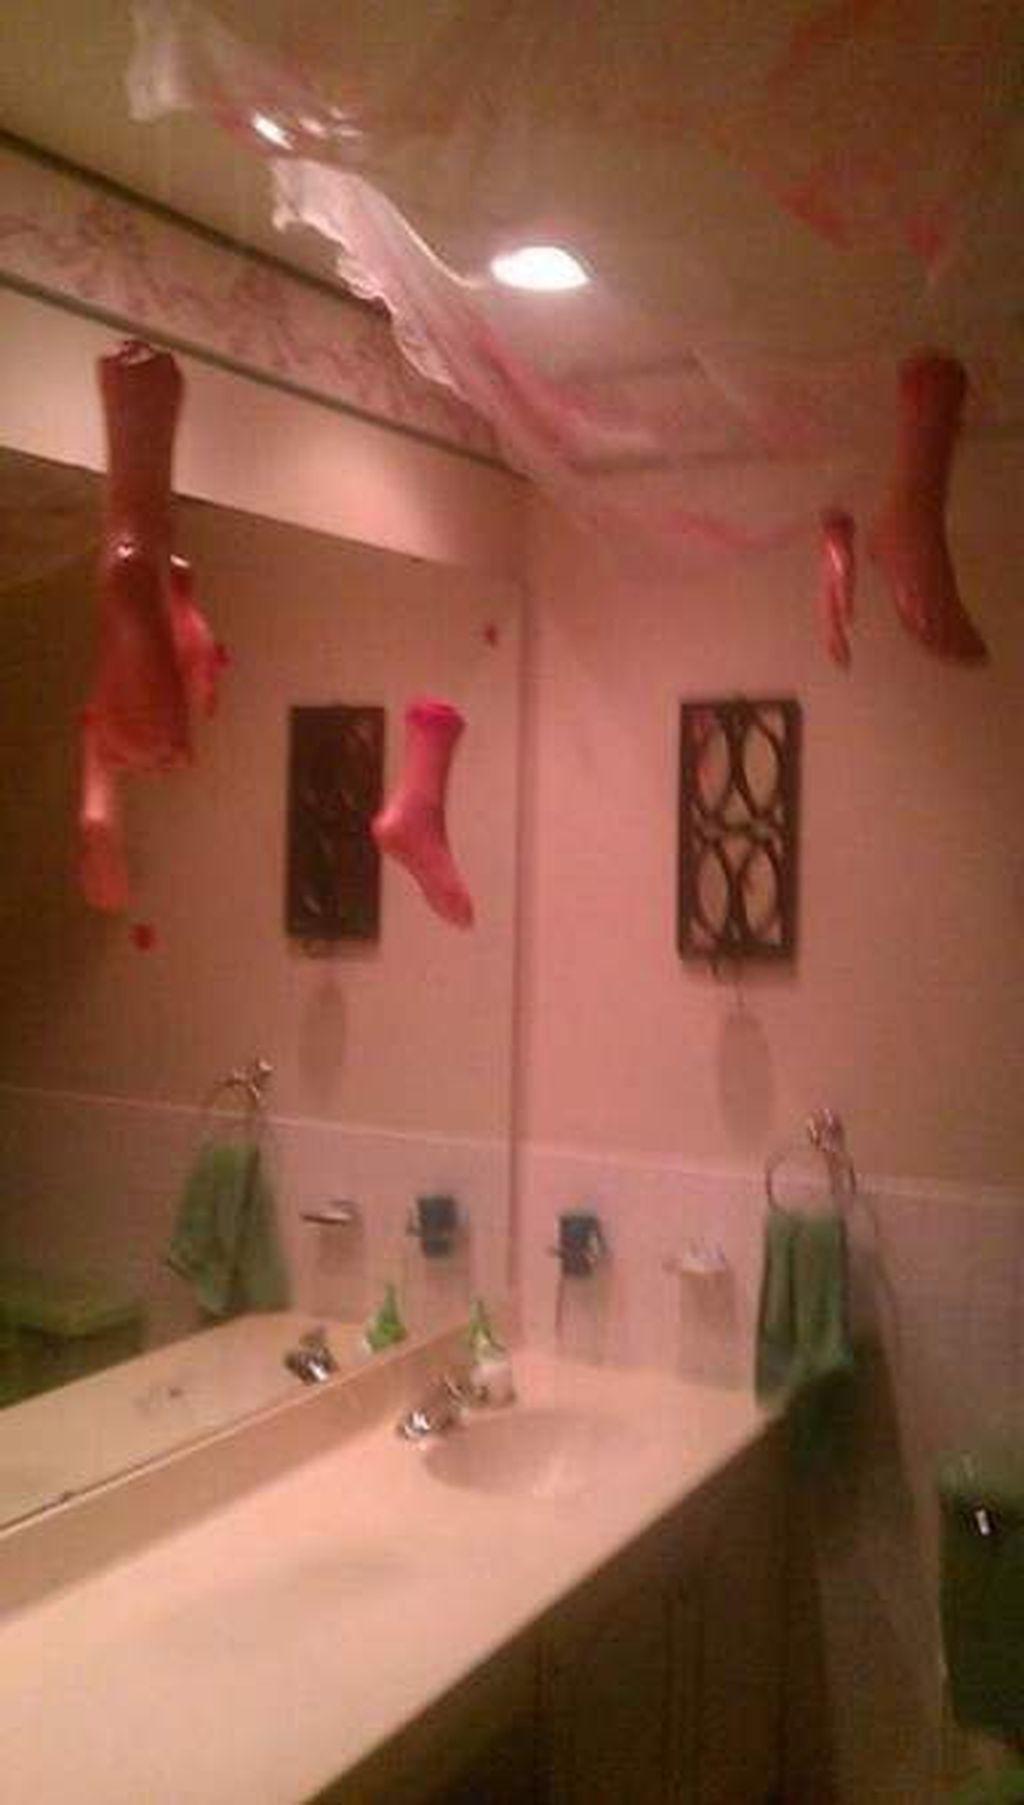 Scary Halloween Bathroom Decor